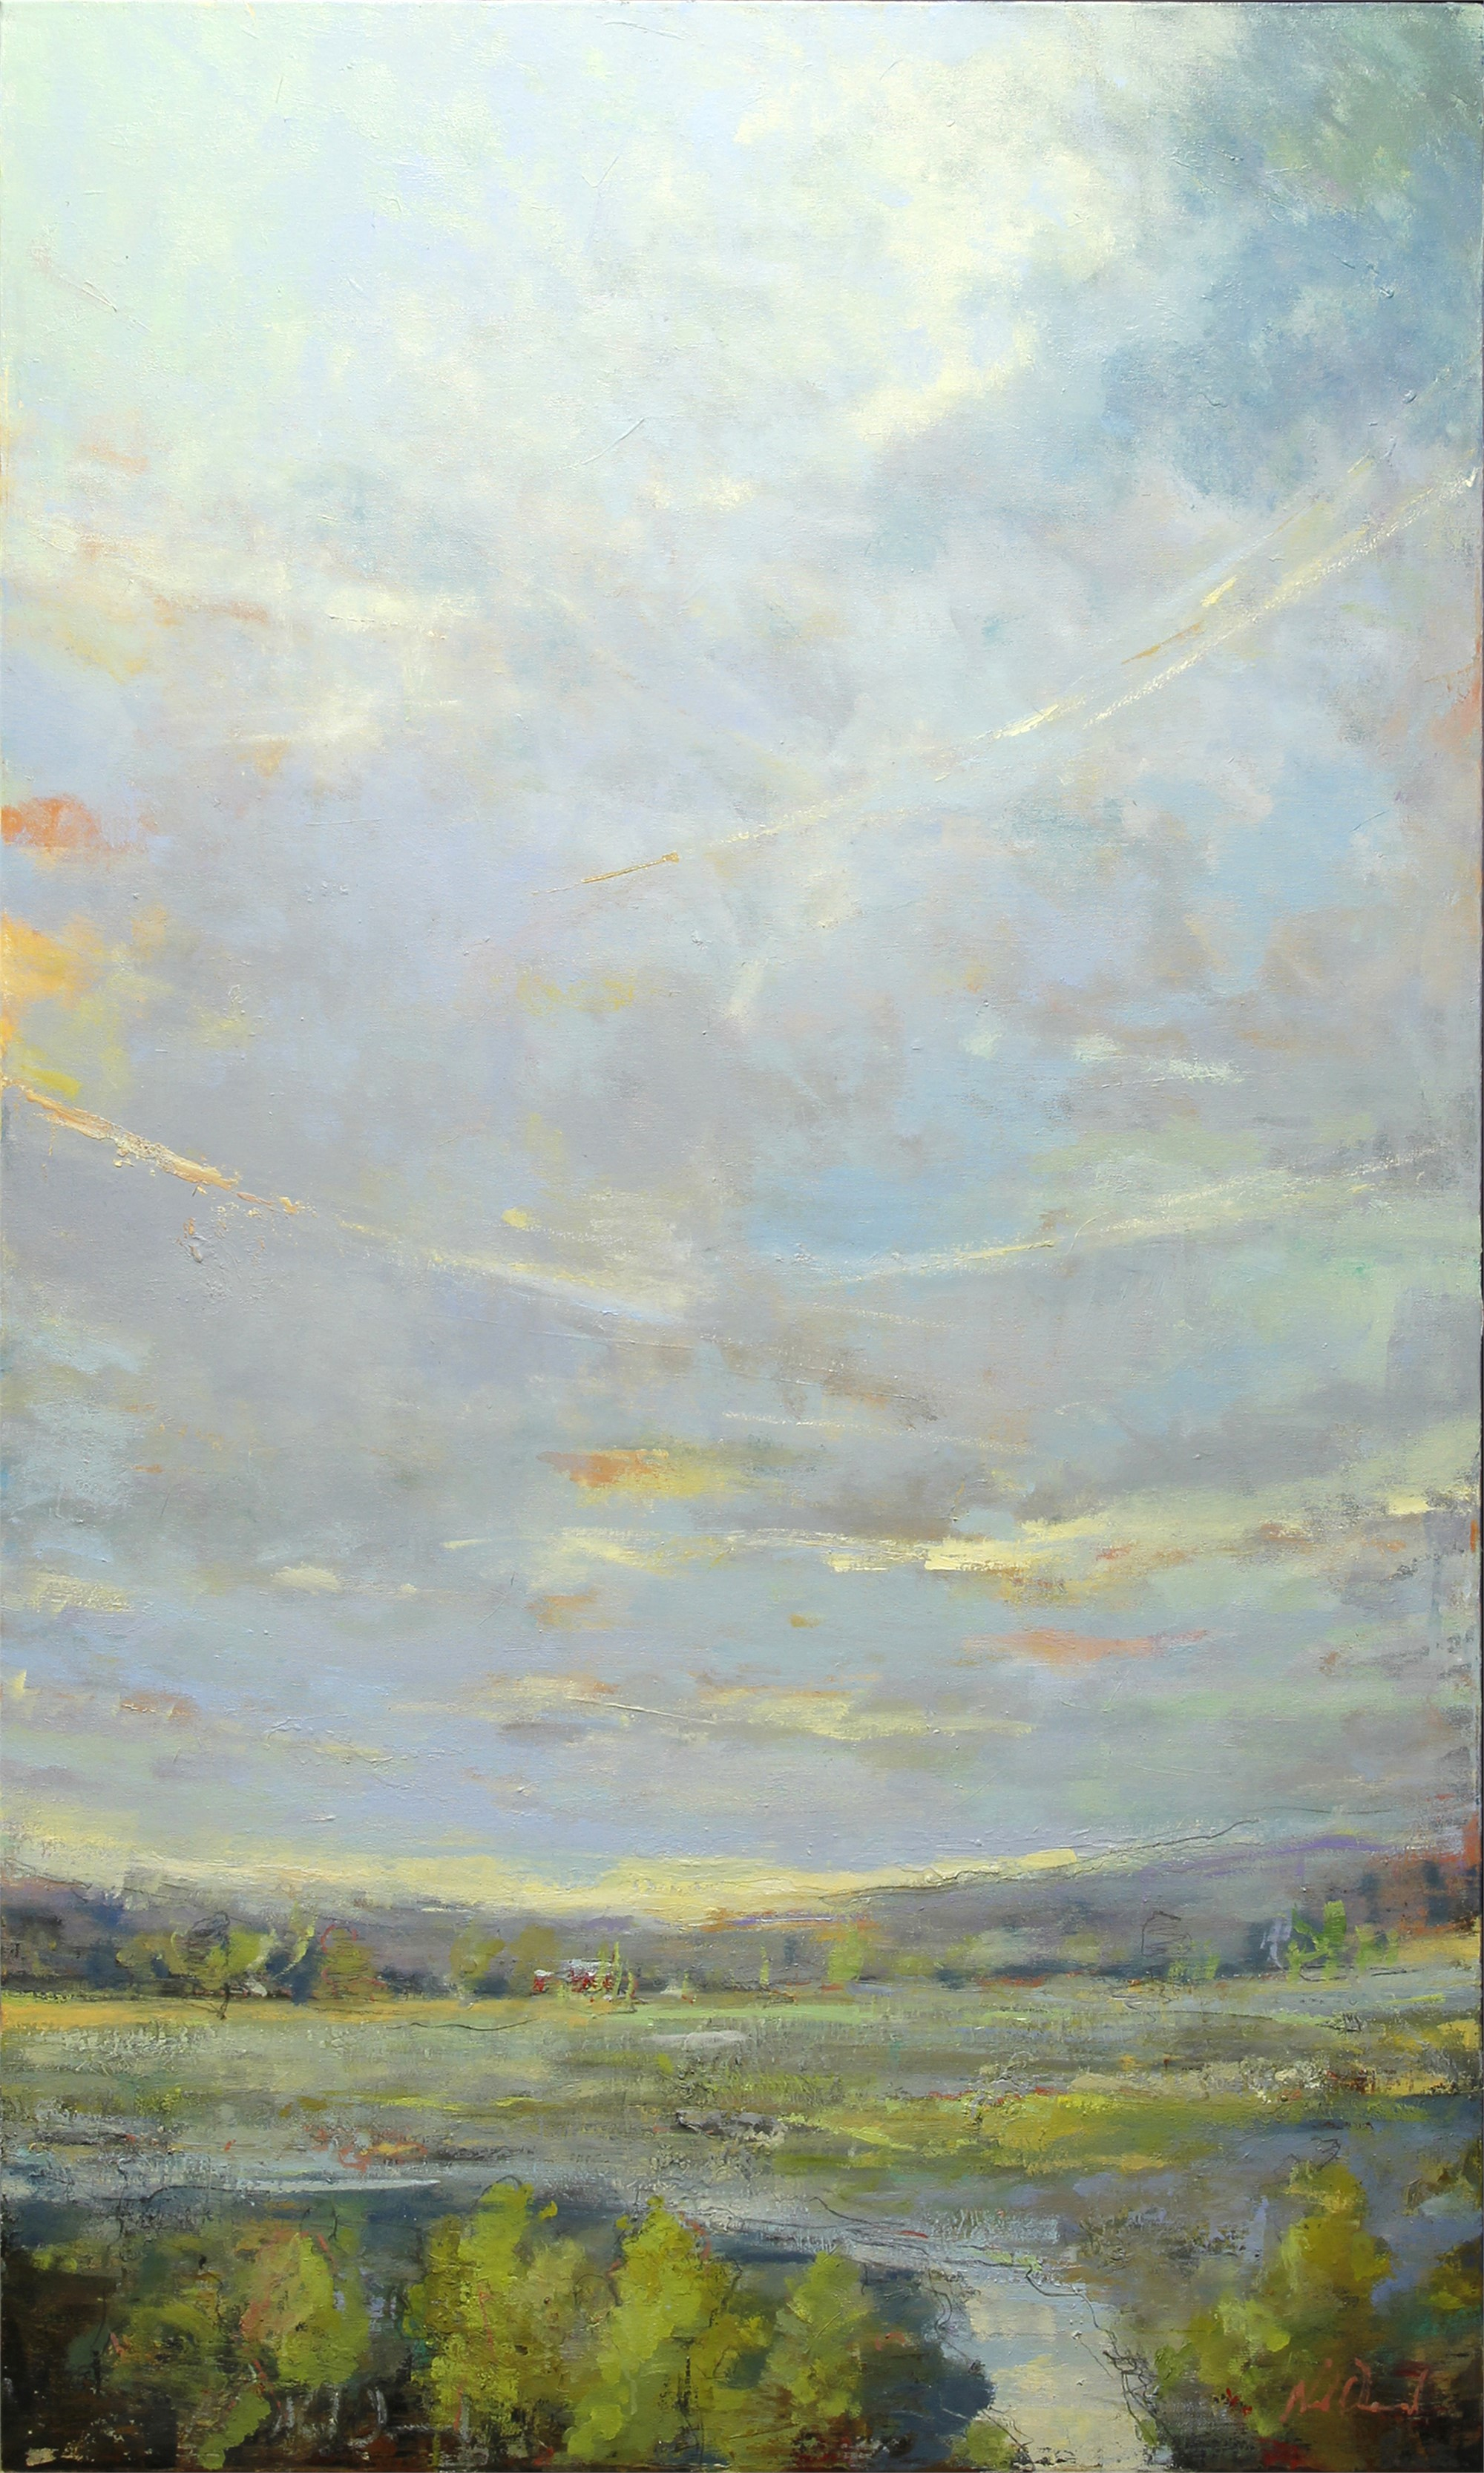 Triumphant Clouds by Noah Desmond